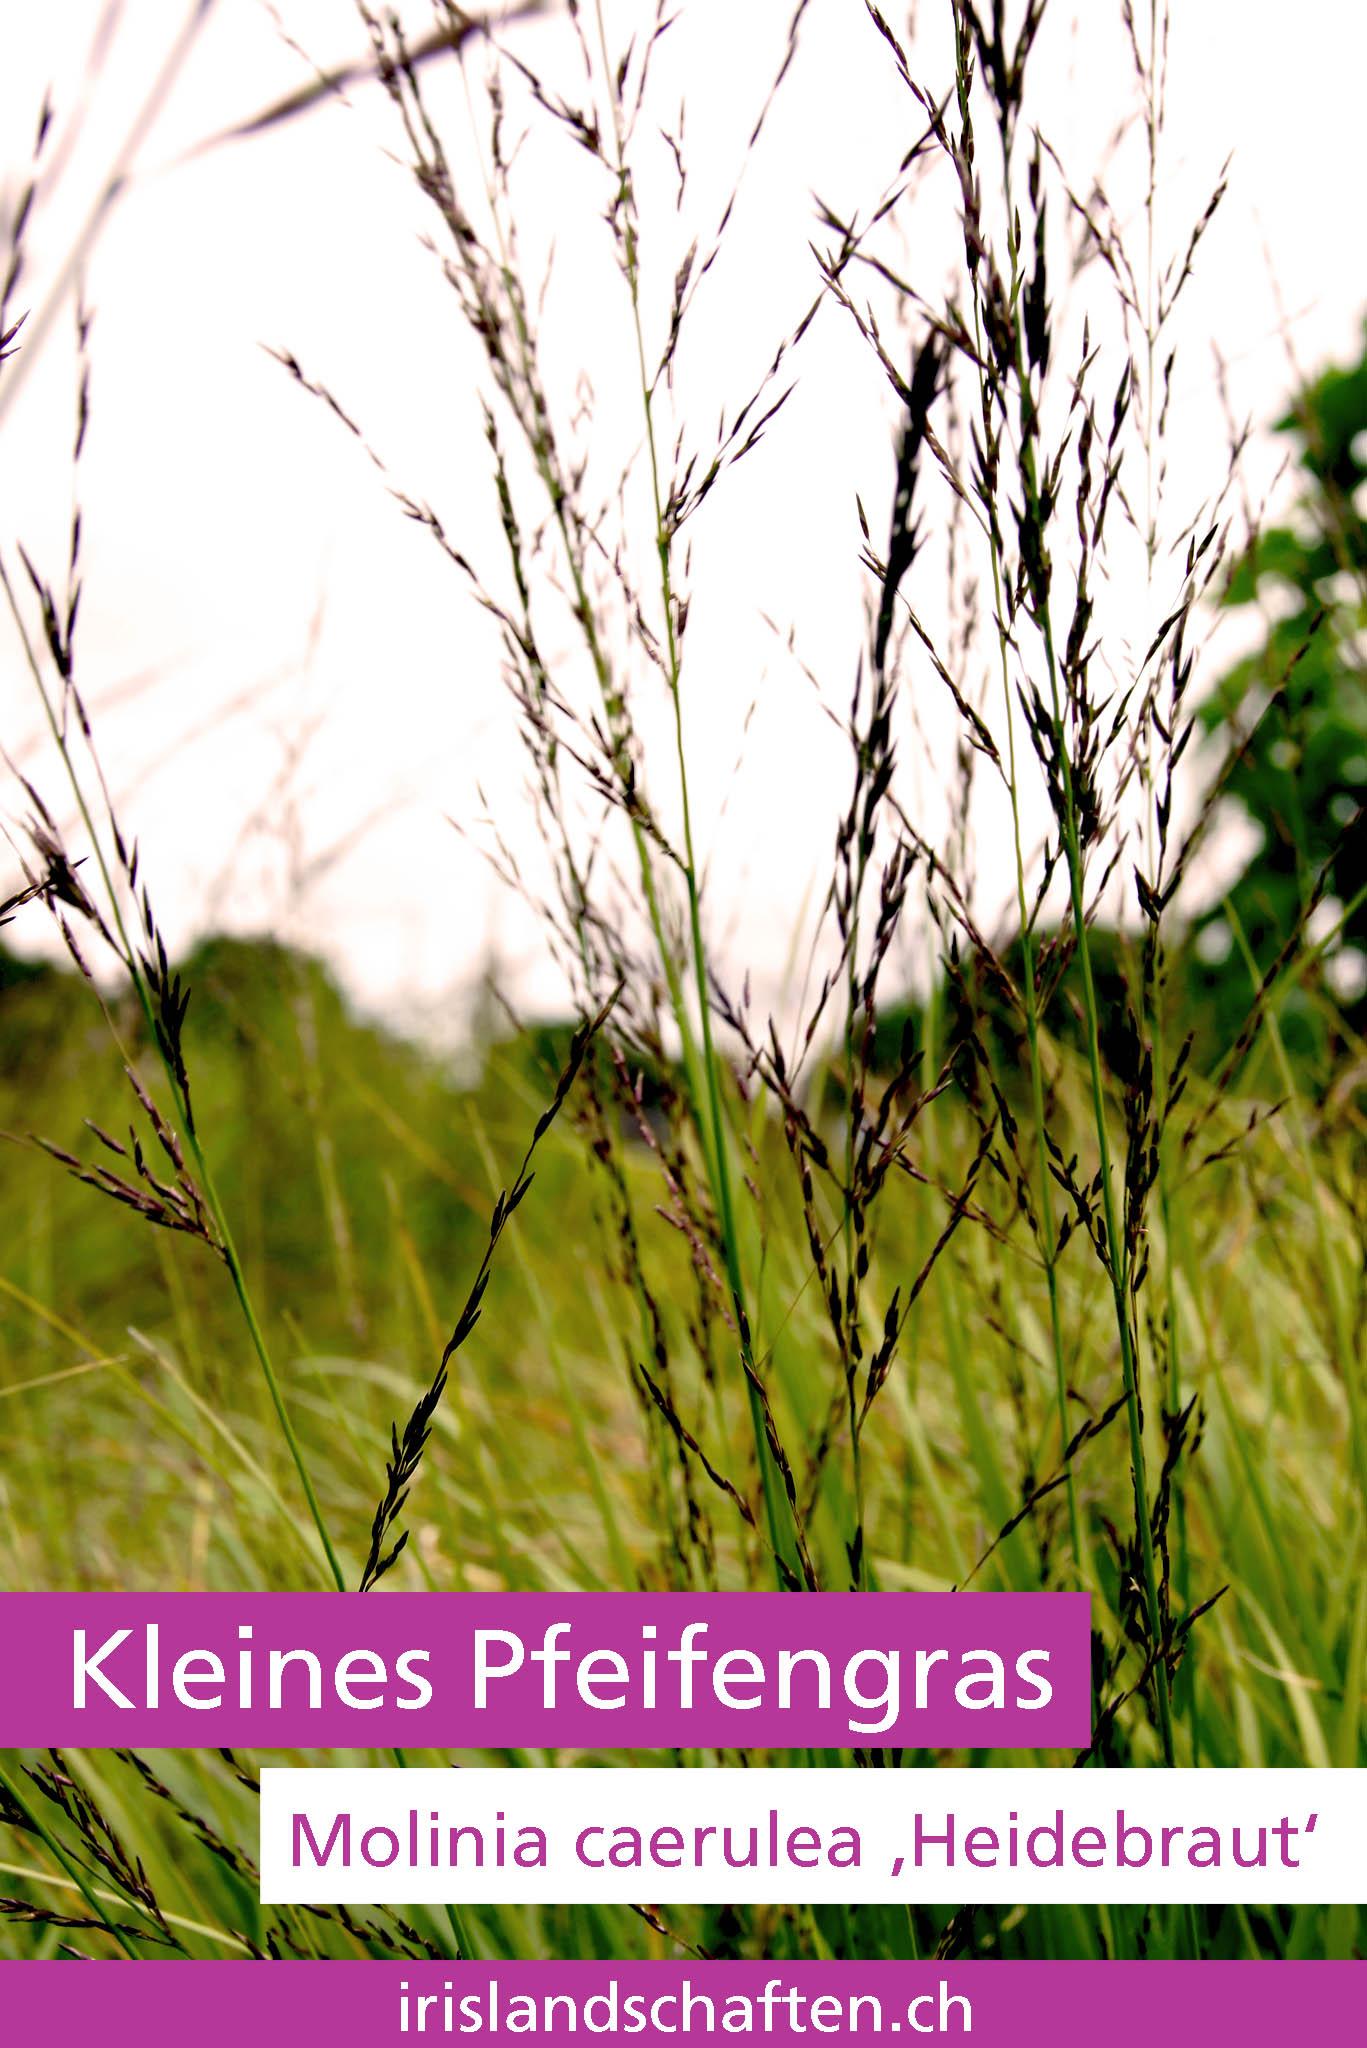 Kleines Pfeifengras Molinia caerulea 'Heidebraut ' Gartengestaltung